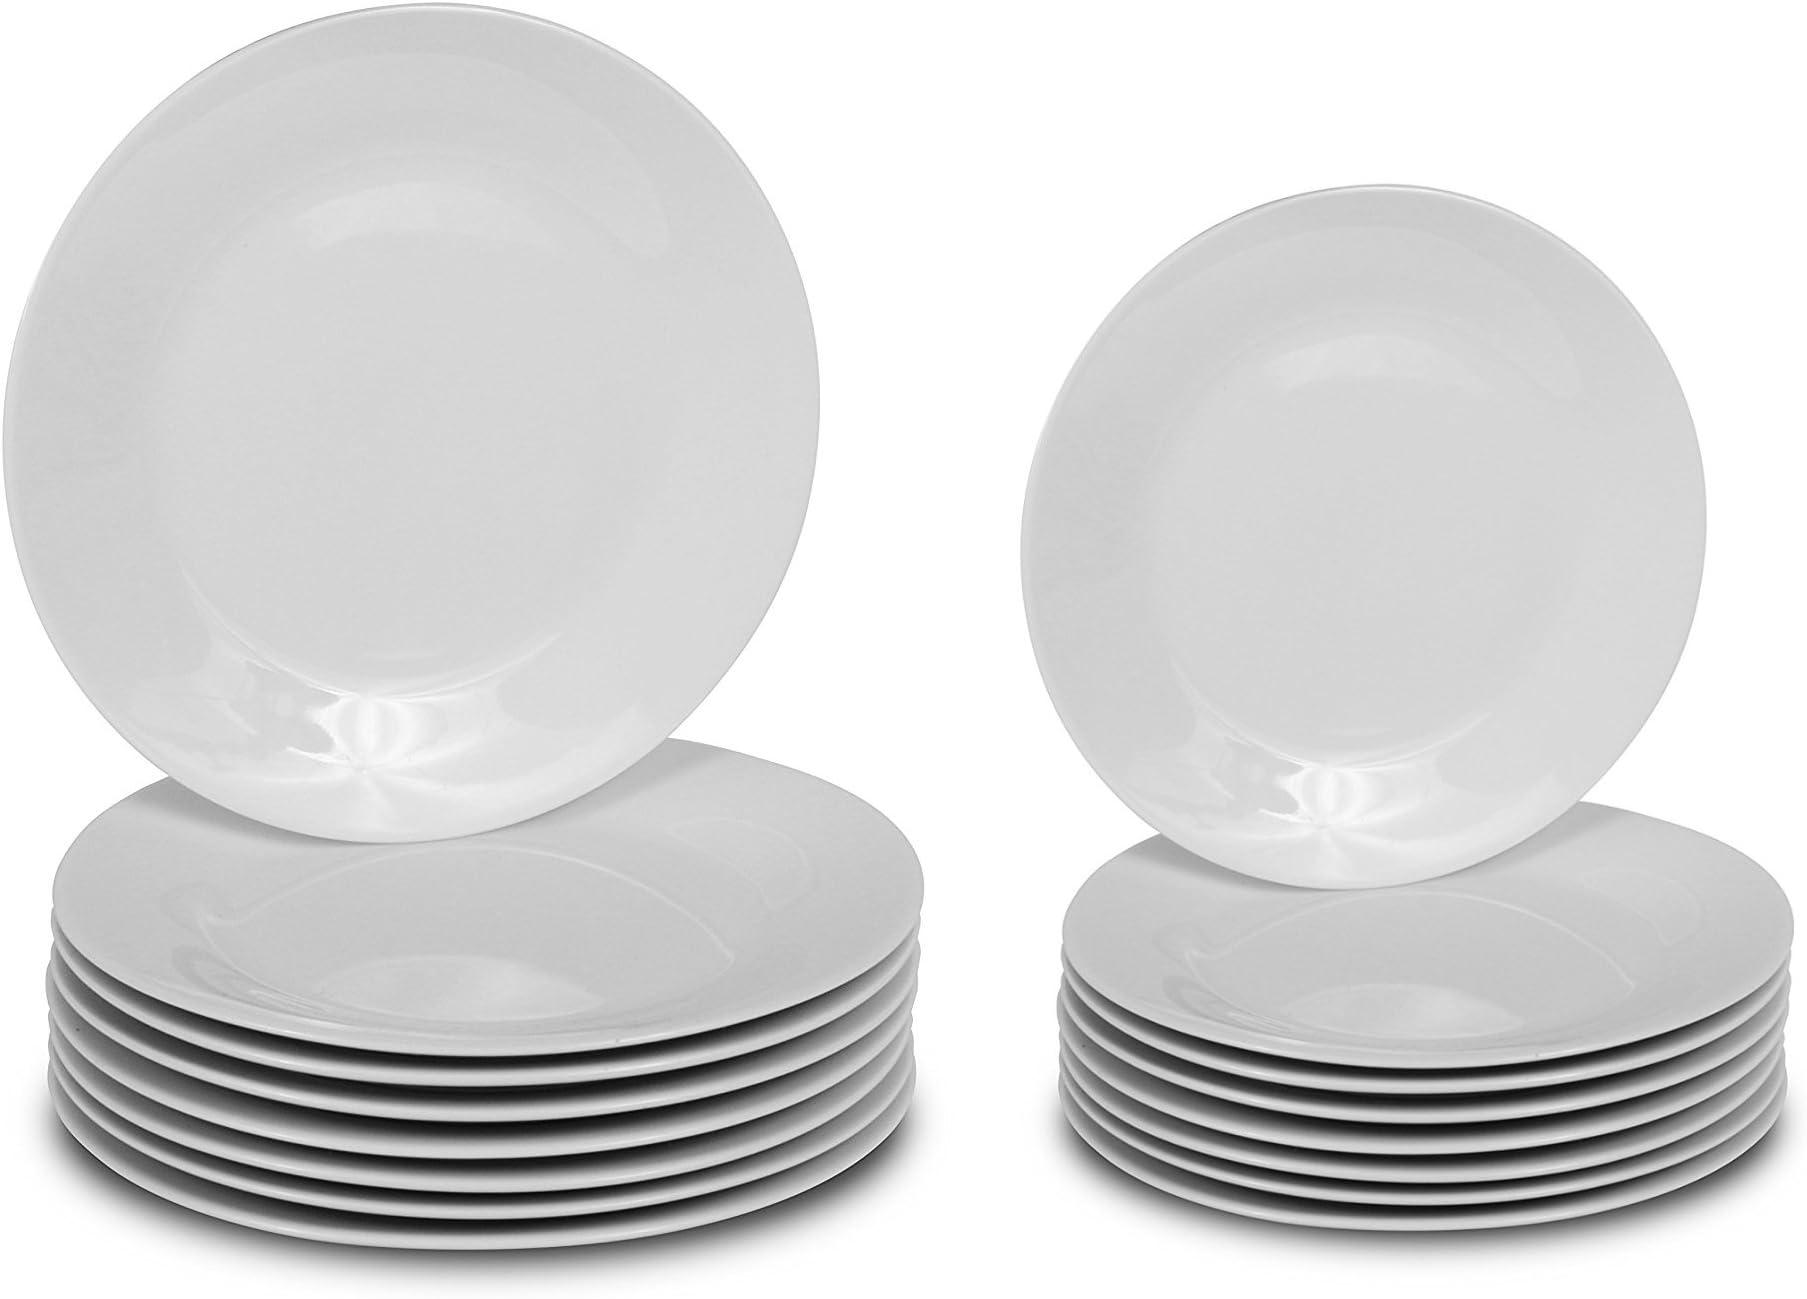 Klikel 16 Piece White Round Dinnerware Set ...  sc 1 st  Amazon.com & Amazon.com: Dinnerware Sets: Home \u0026 Kitchen